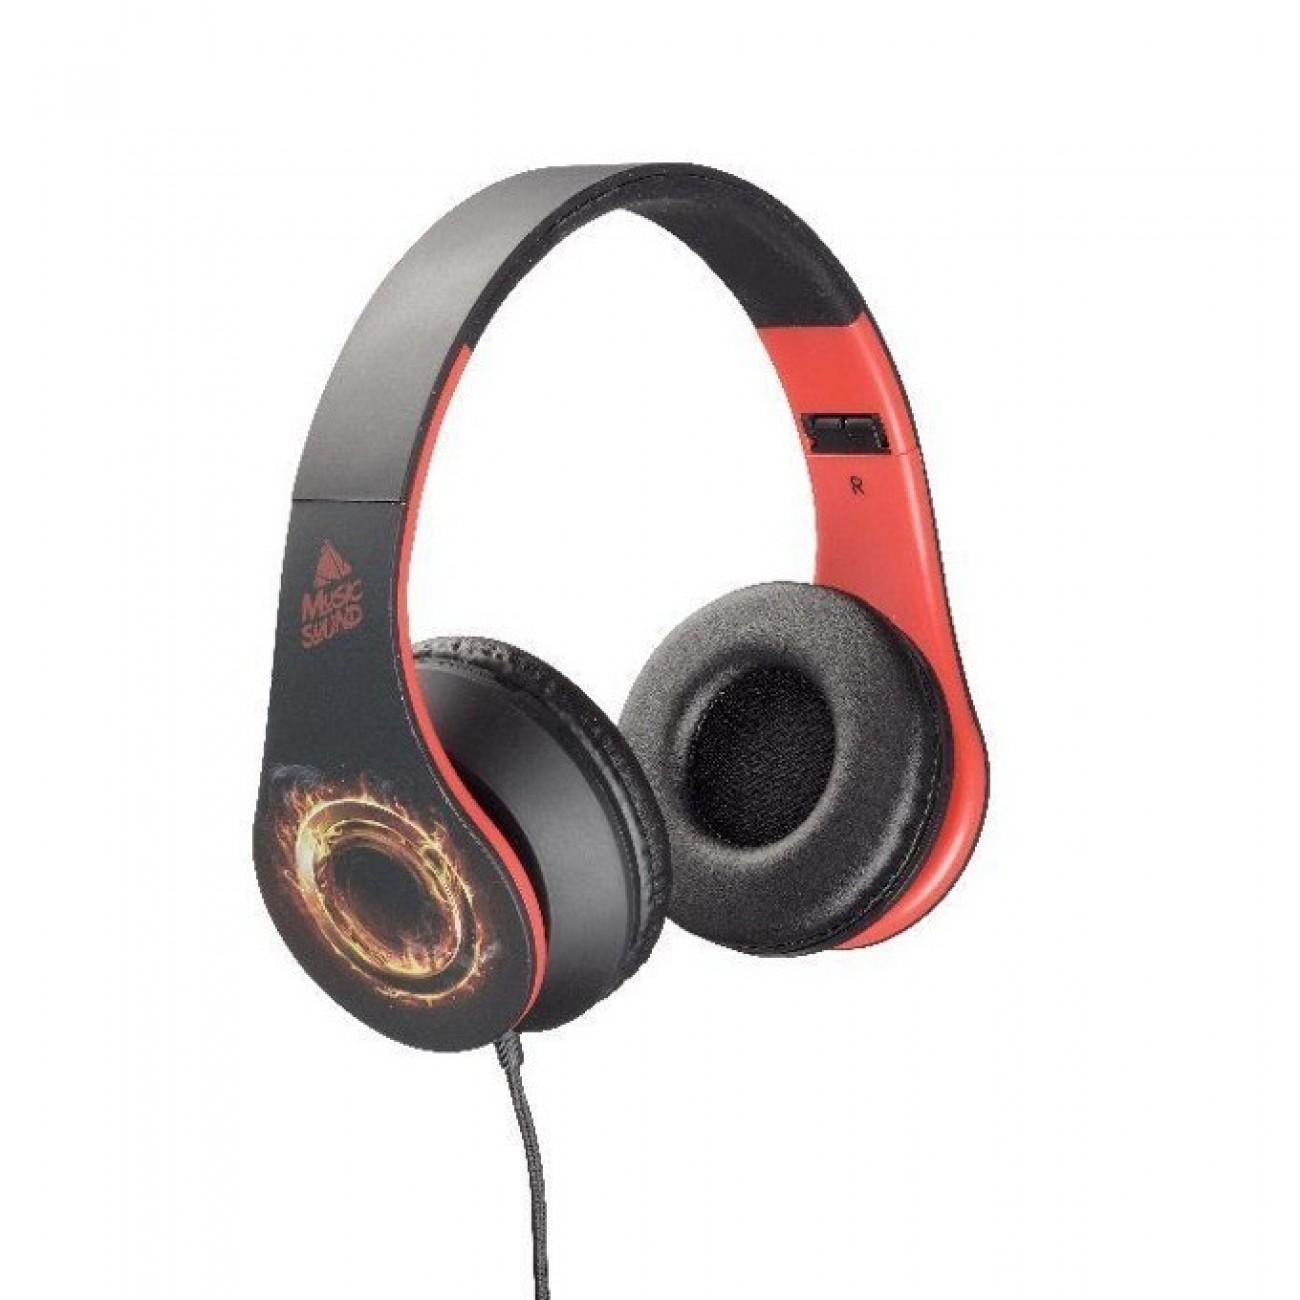 Слушалки Music Sound Art 5, 20-20,000Hz, 3.5мм жак, сгъваеми, черни в Слушалки -  | Alleop